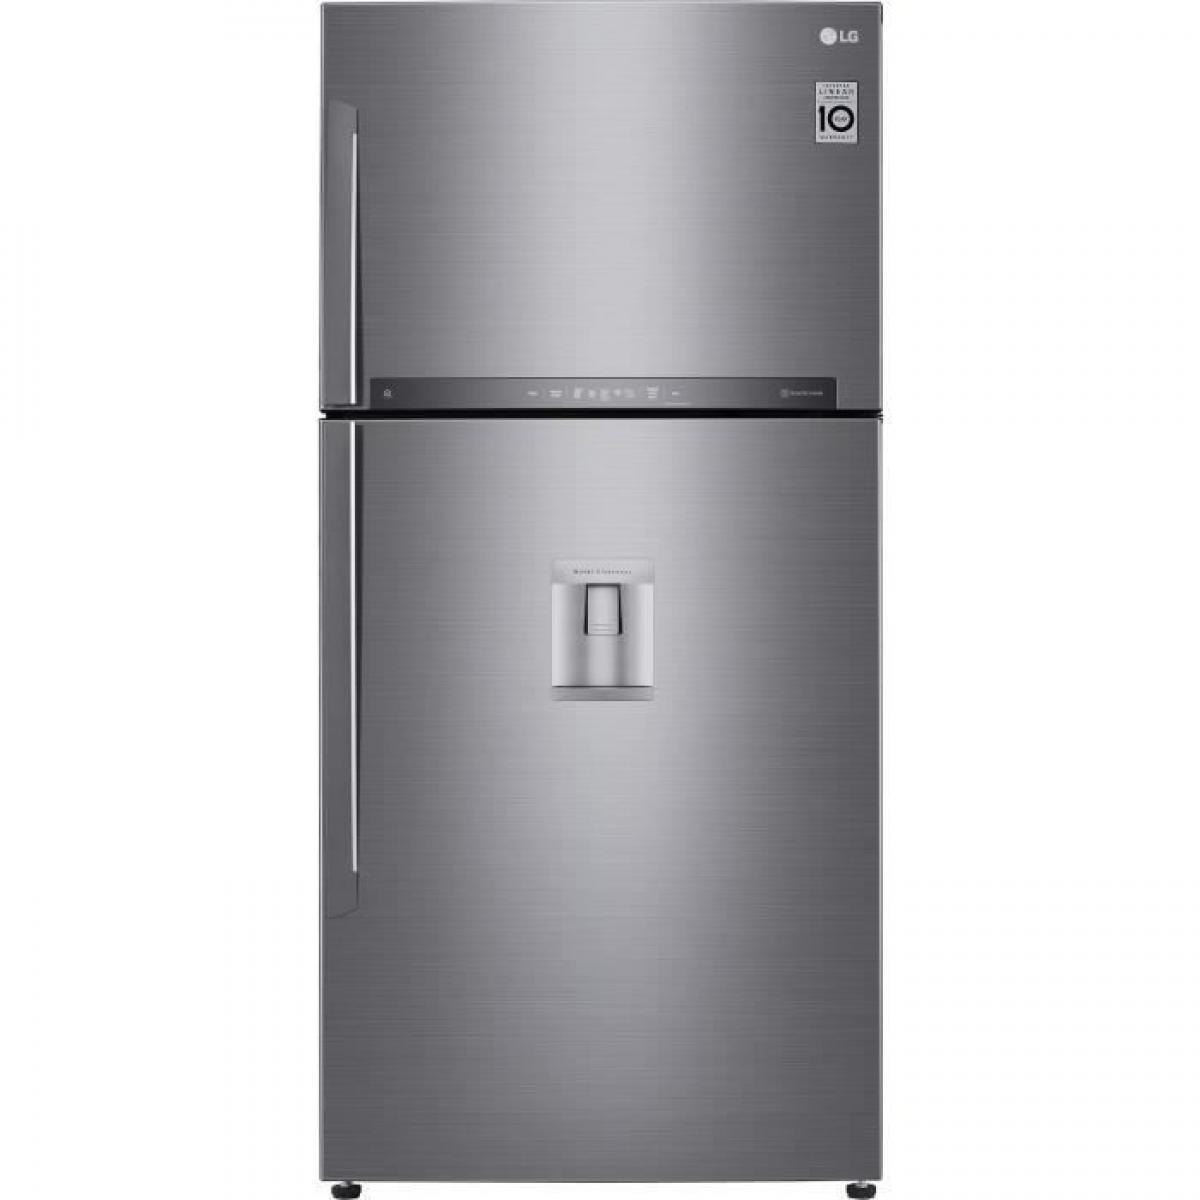 LG LG GTF8659PS - Refrigerateur congelateur haut - 592L 418+174 - Froid ventile - A++ - L86m x H184cm - Inox